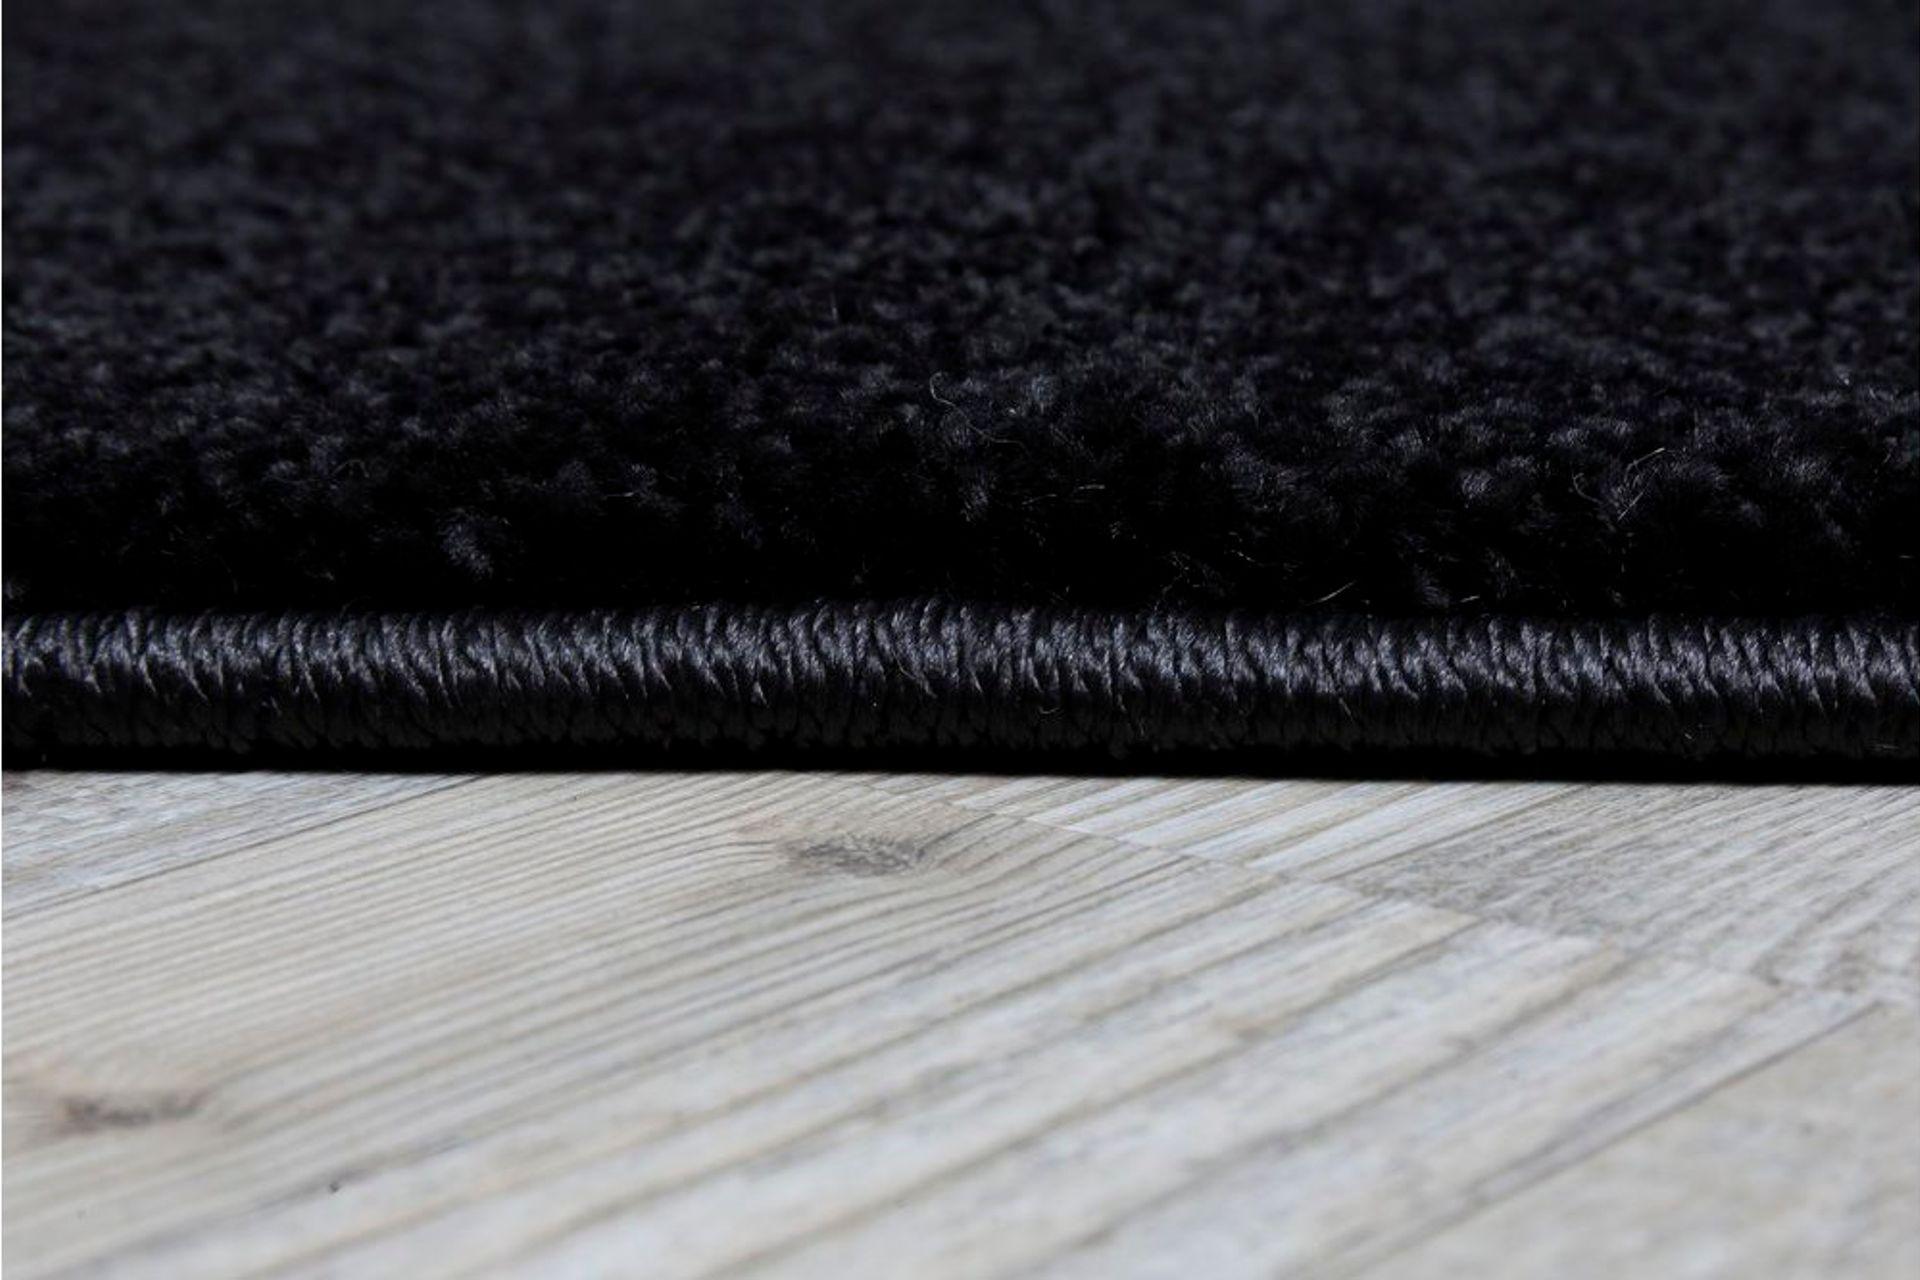 Essence Minimalist Woven Rug, 200 x 290, Black